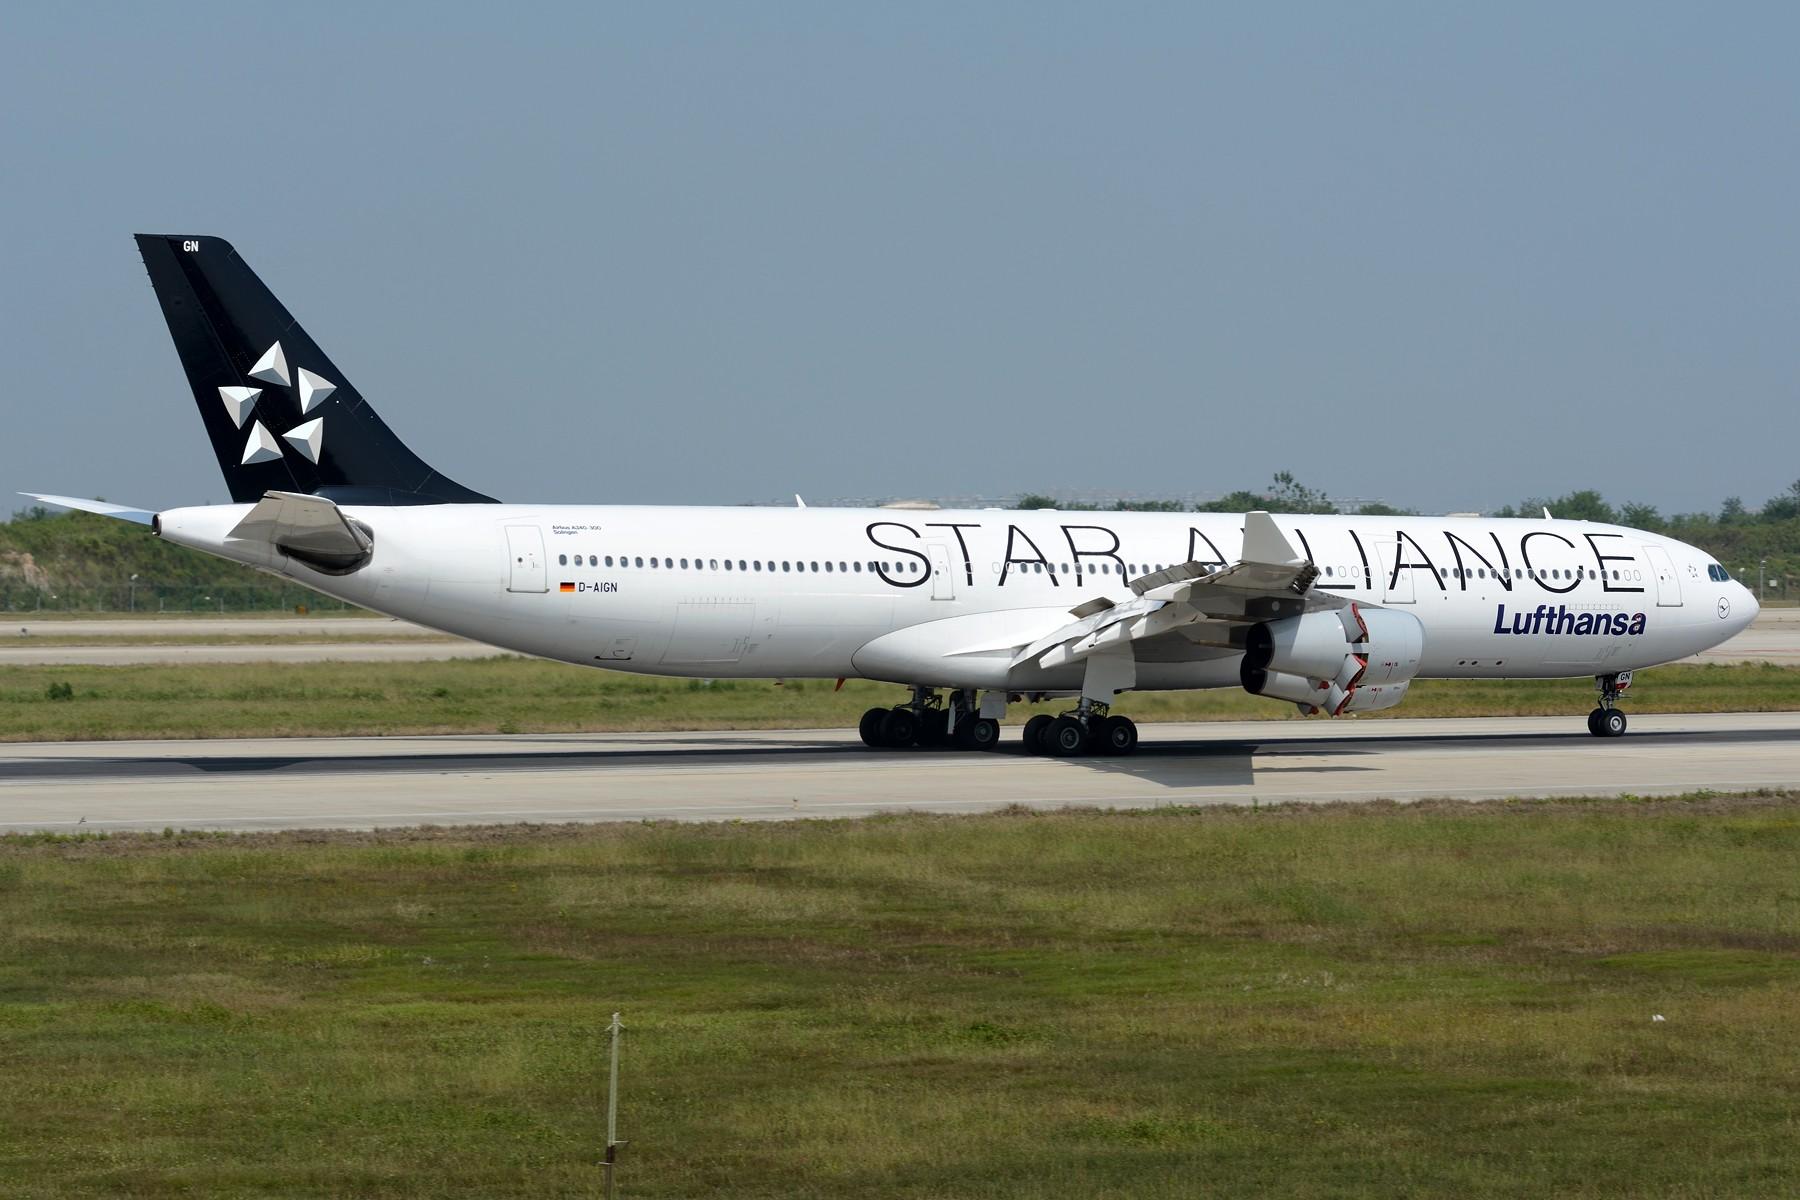 Re:[原创]【NKG】初探NKG 07头,结果很给面子地来了两架大猩猩 AIRBUS A340-300 D-AIGN 中国南京禄口国际机场